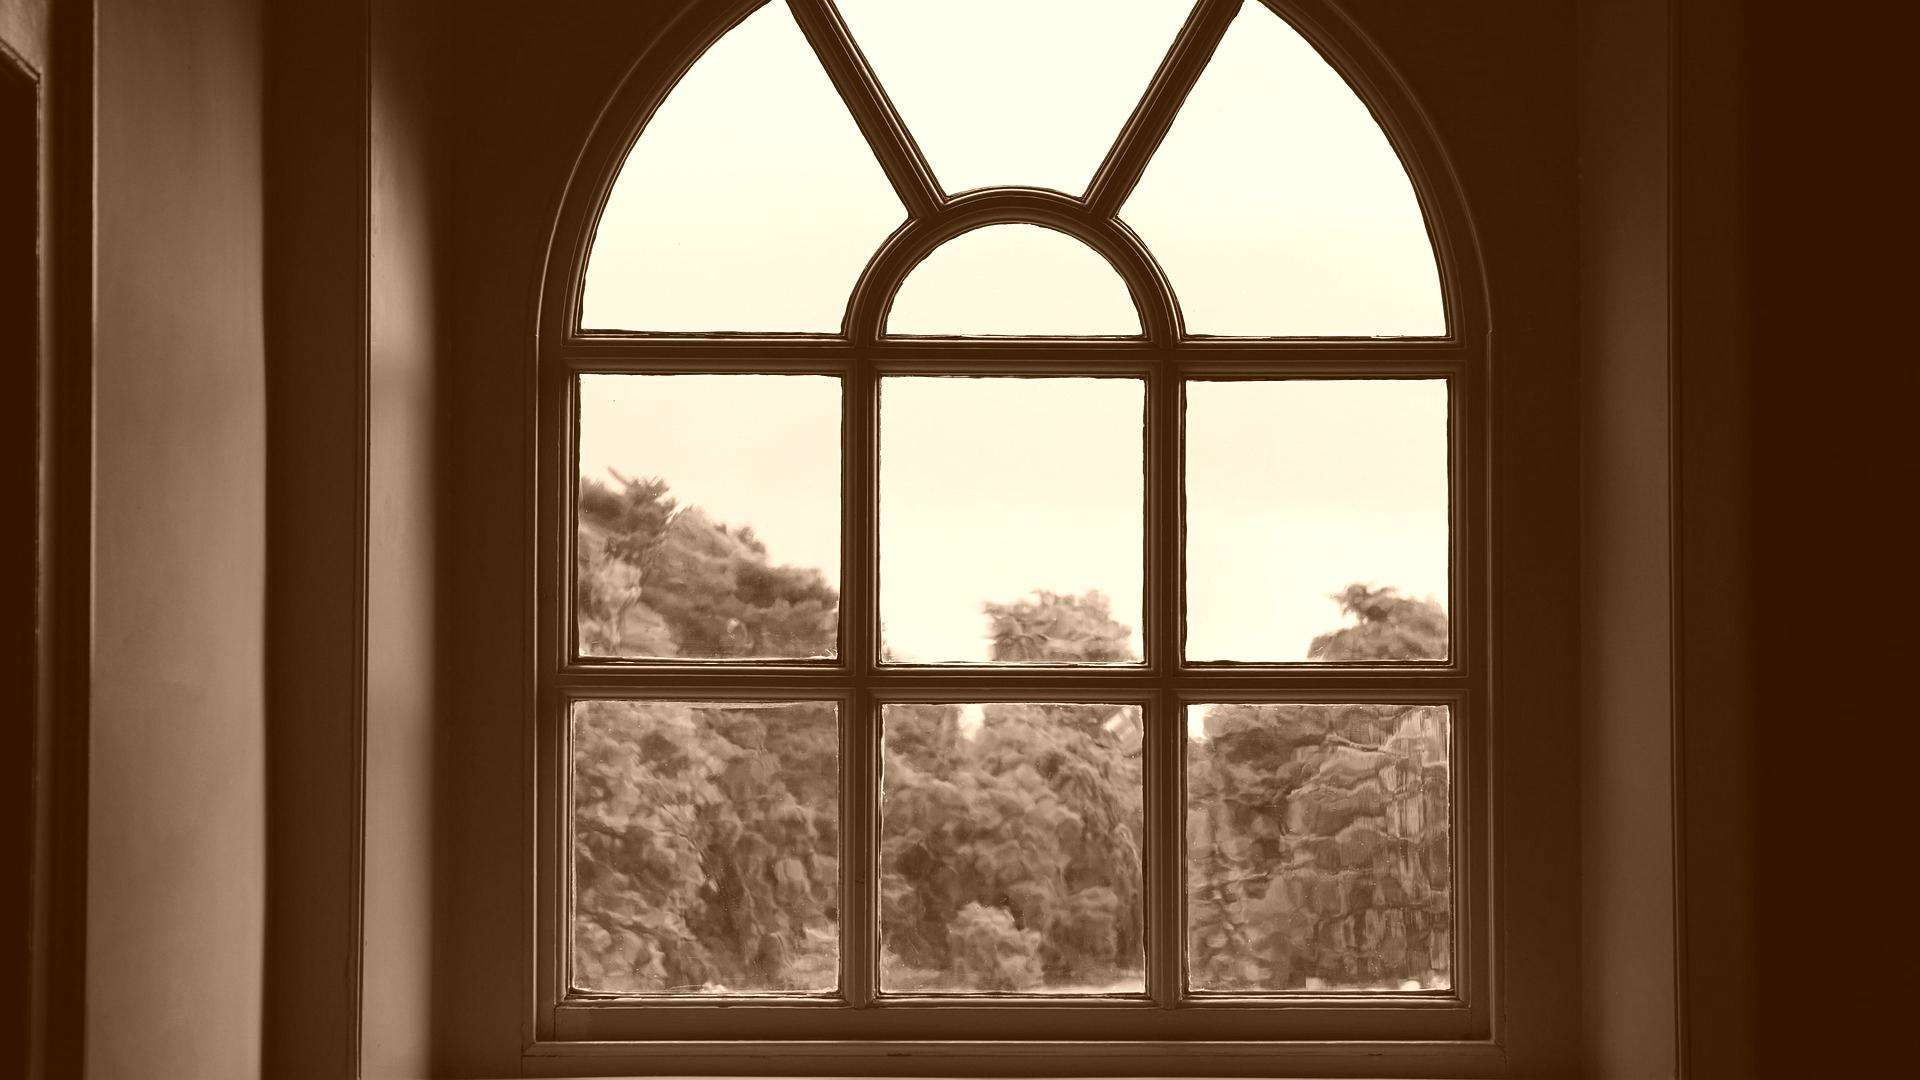 comment bien nettoyer les vitres sans laisser de traces